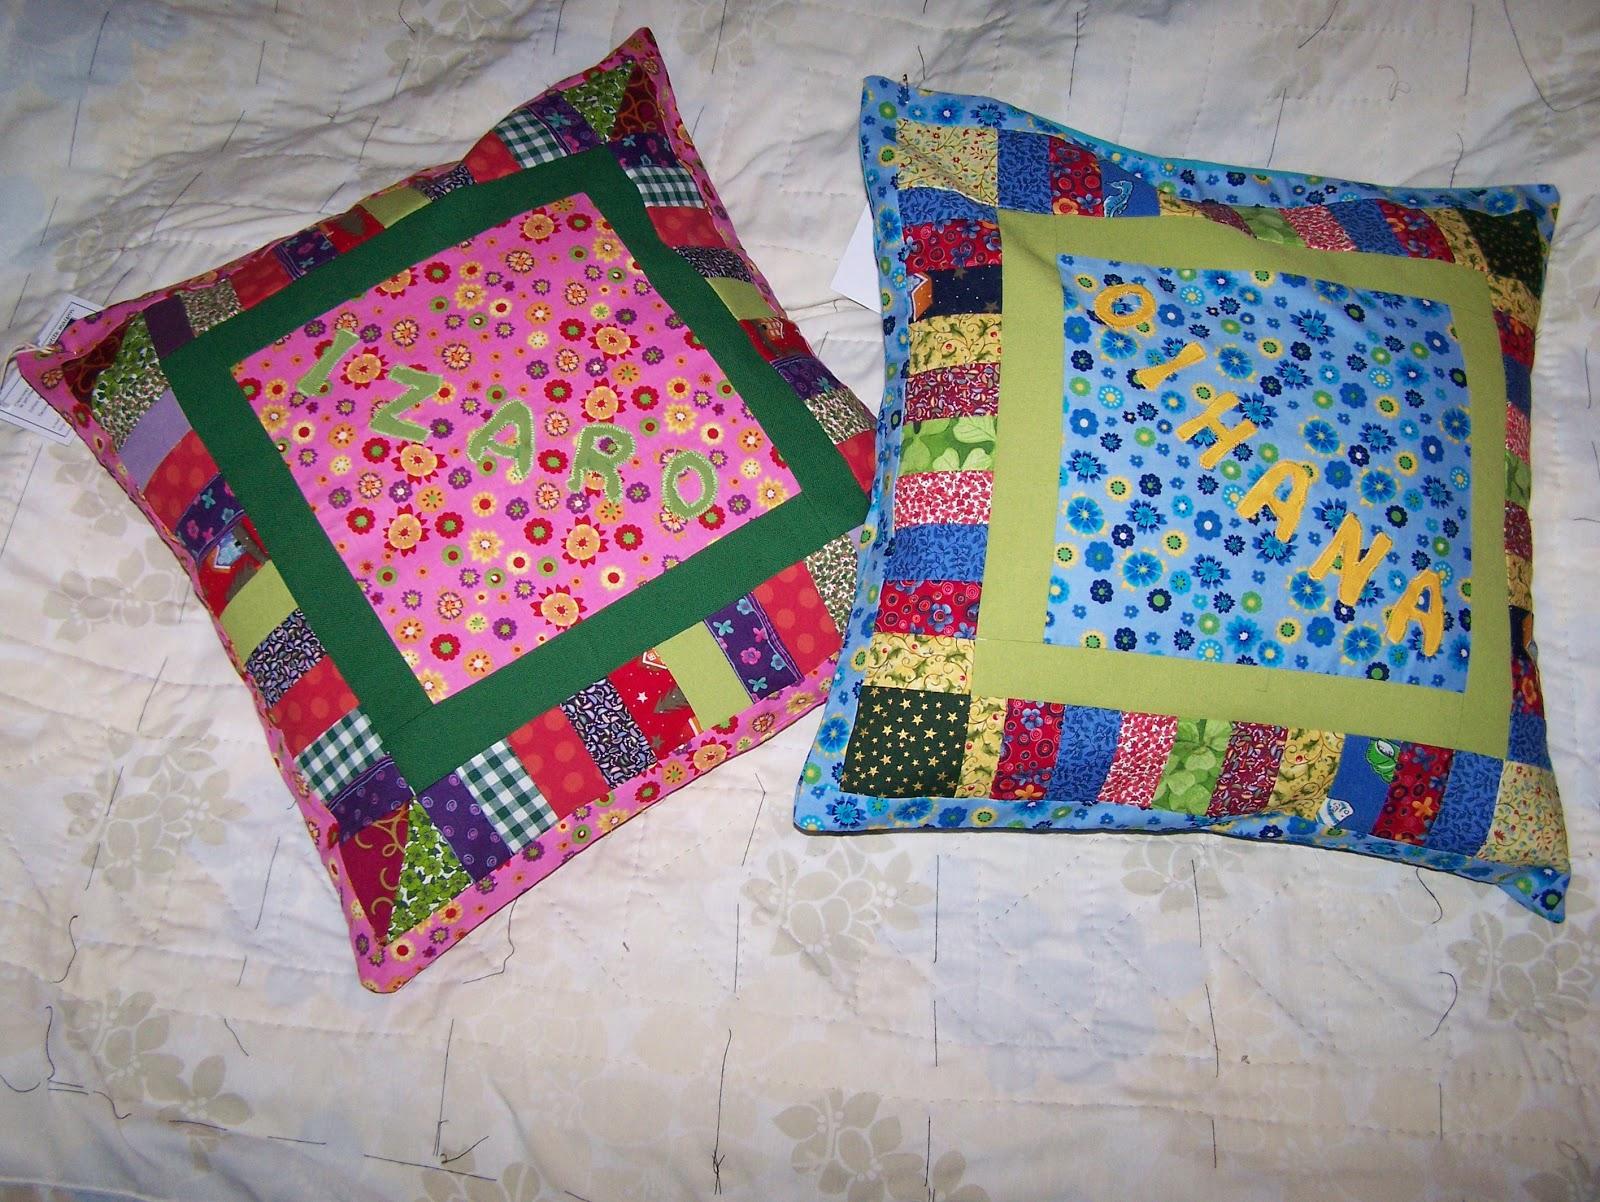 La petite maison de patchwork cojines infantiles personalizados - Cojines de patchwork ...